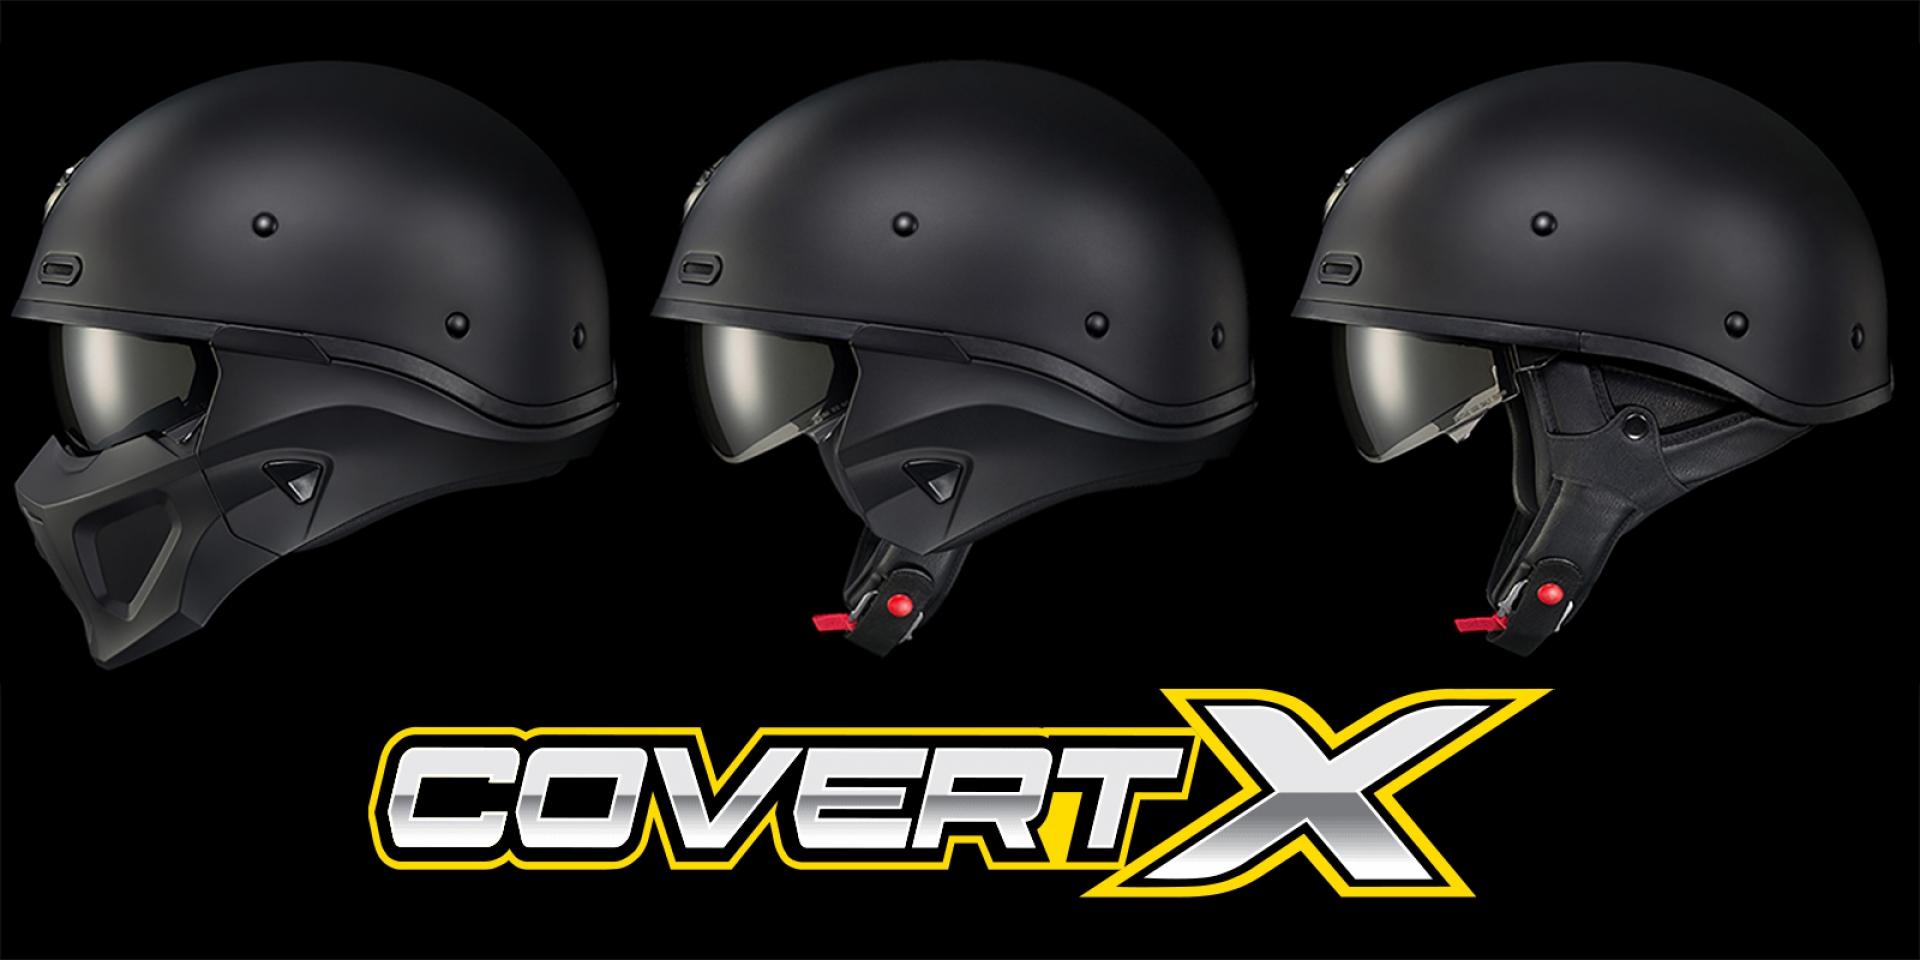 全拆直接變瓜皮!Scorpion Covert/X 2021新版發表